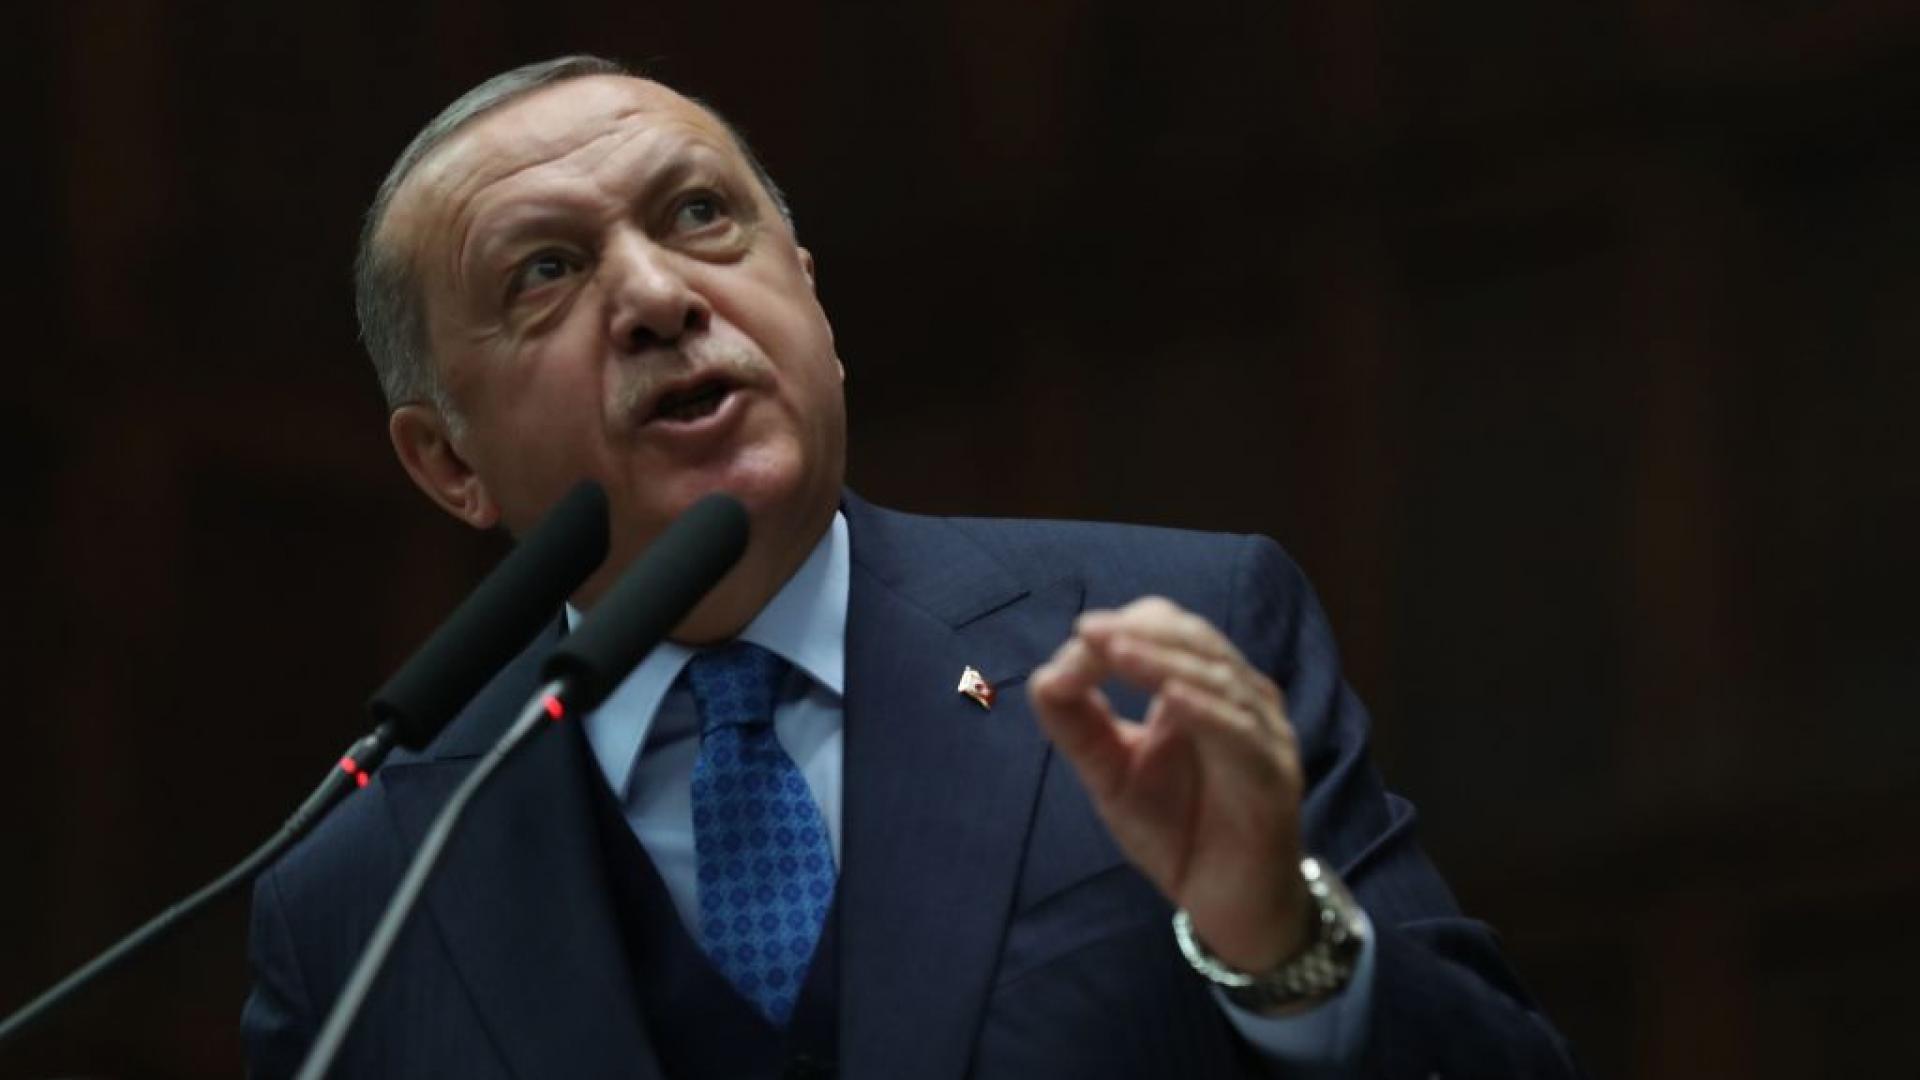 أردوغان يرفض تصريحات بولتون بشأن سوريا: لن نتنازل وقريبا سنتحرك عسكريا